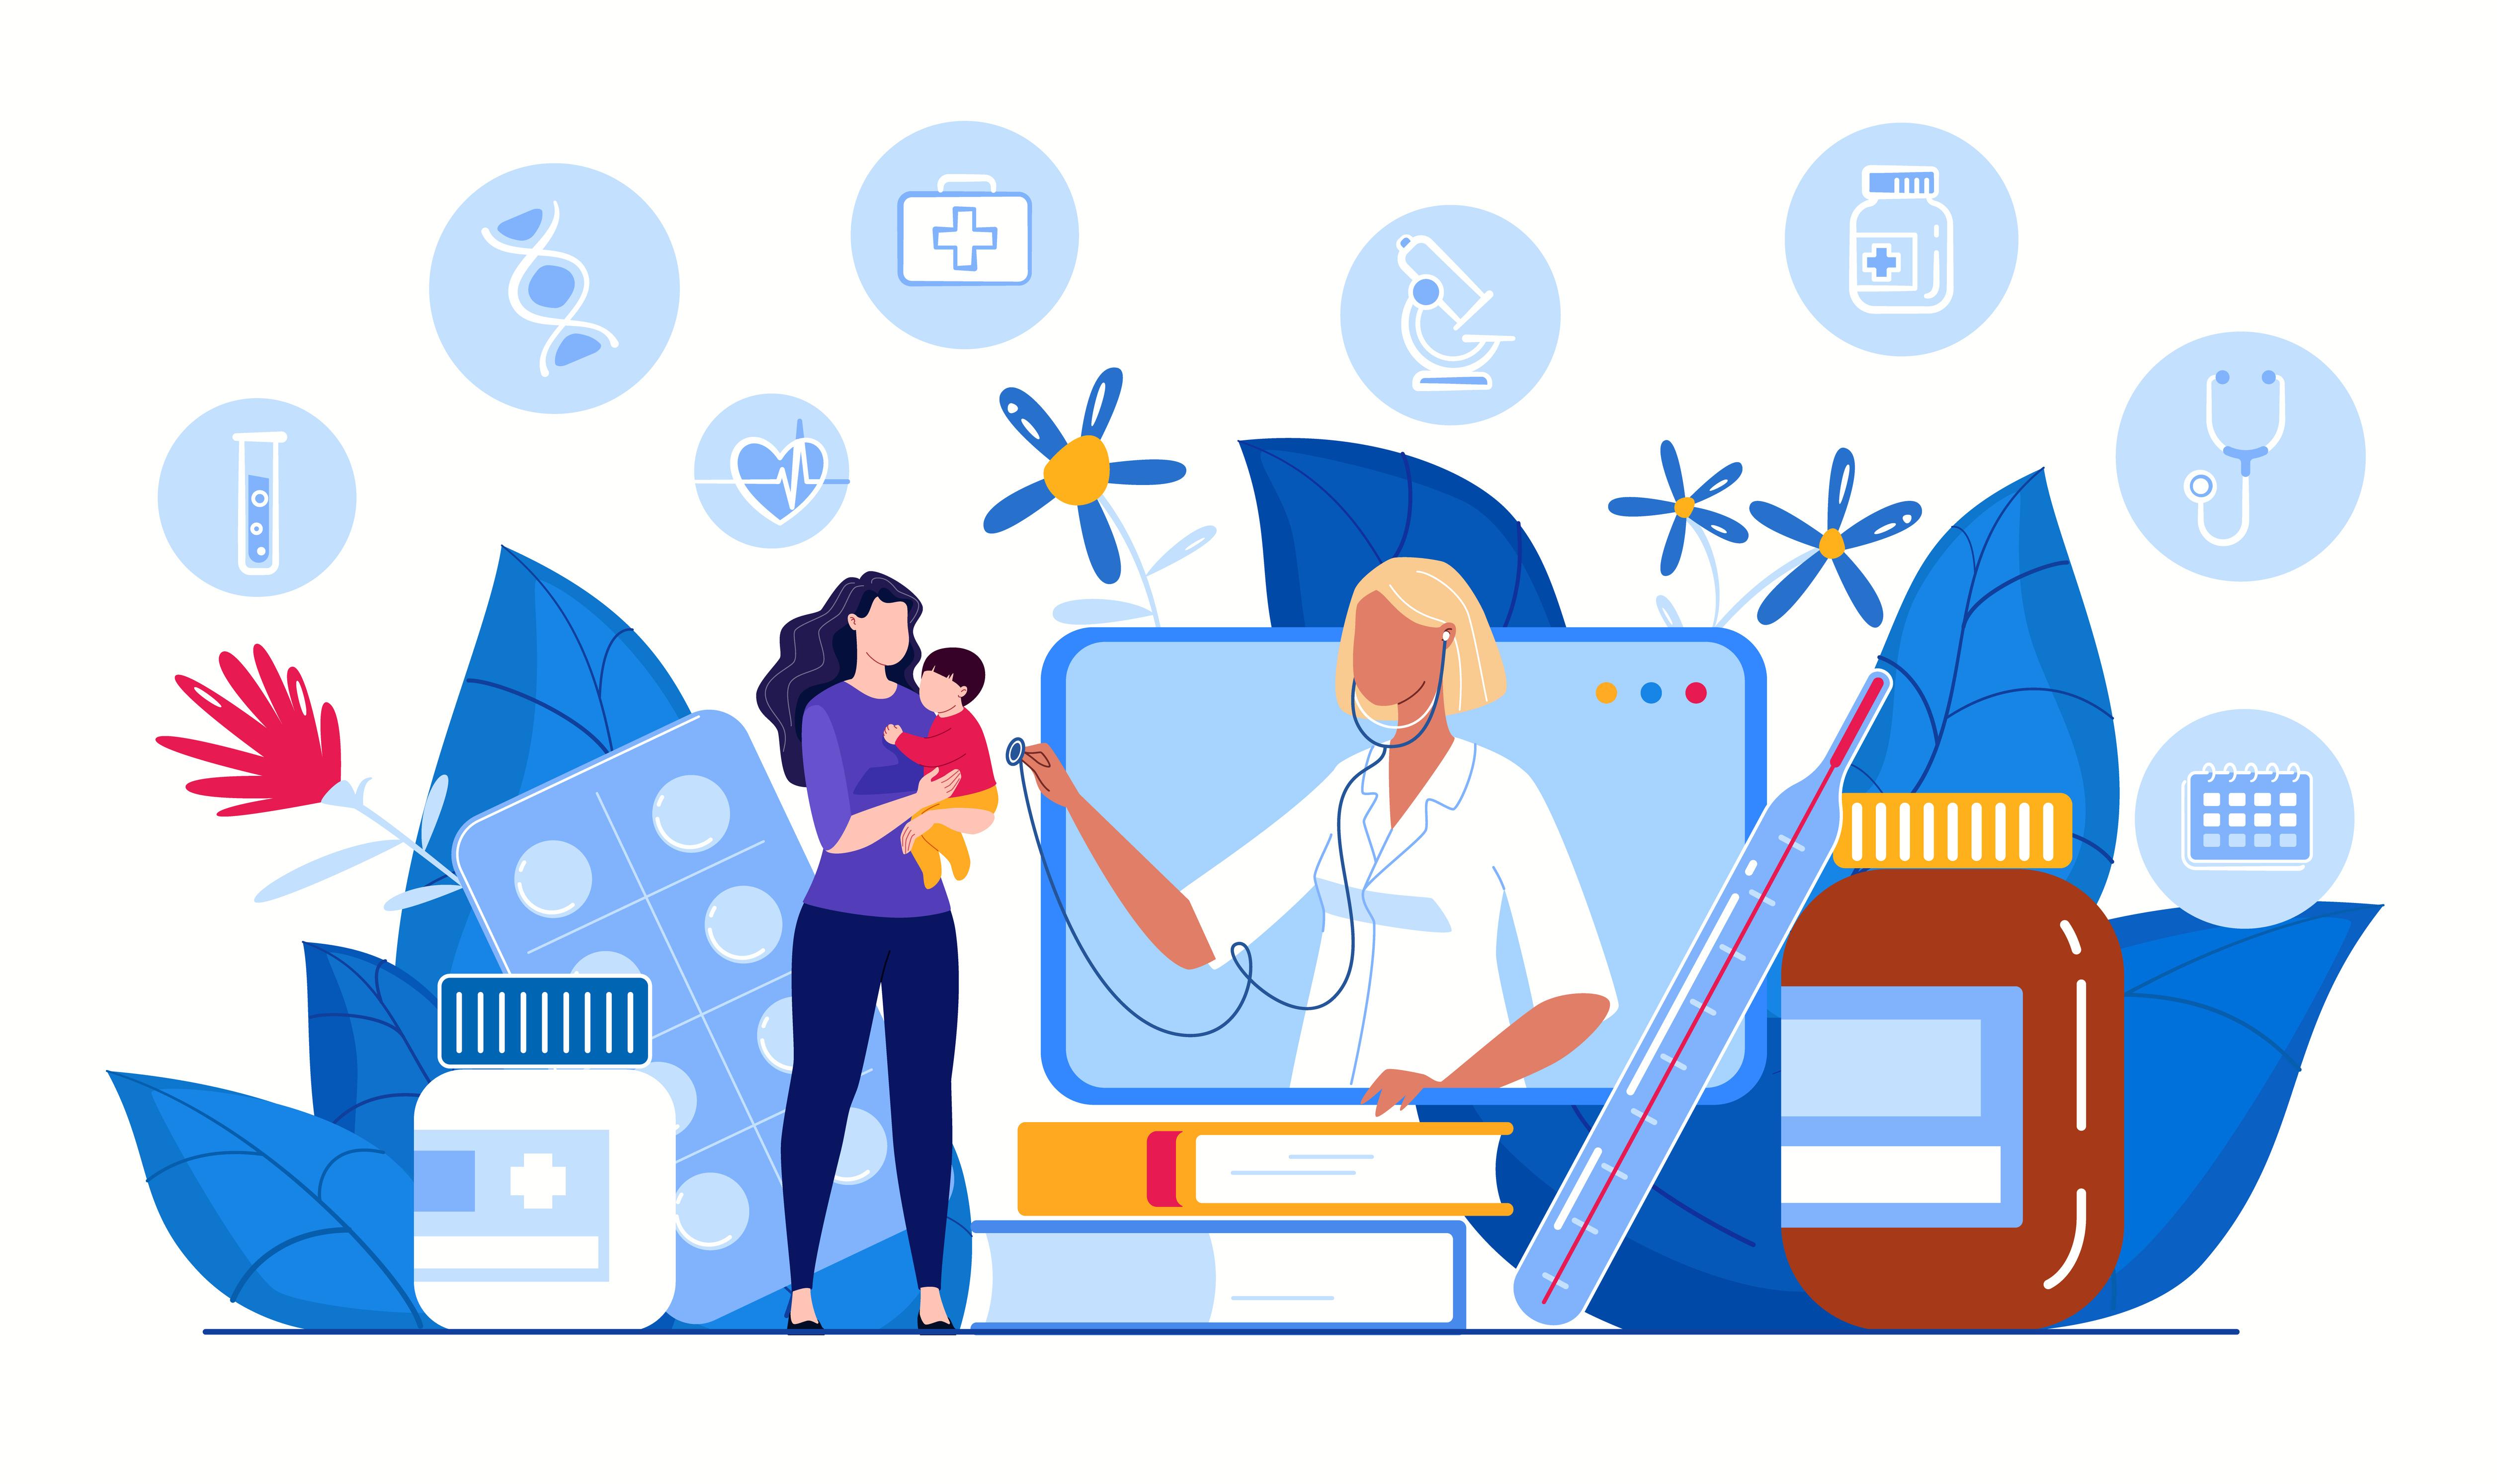 Atendimento pediátrico: como otimizar esse processo na sua clínica?